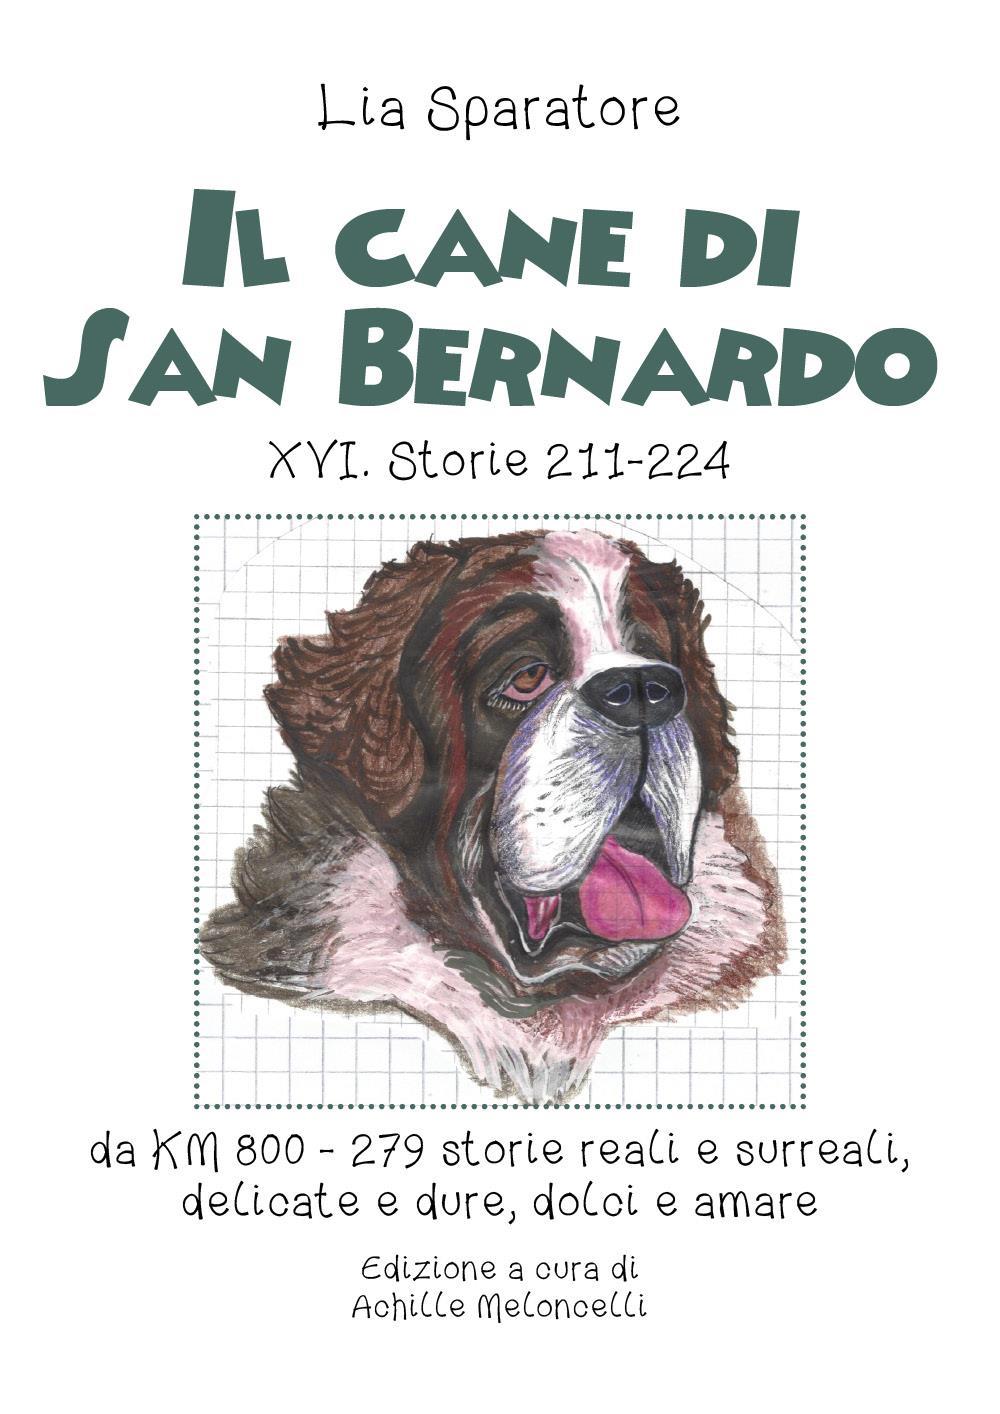 Il cane di San Bernardo XVI. Storie 211-224, da KM 800, 279 storie reali e surreali, delicate e dure, dolci e amare